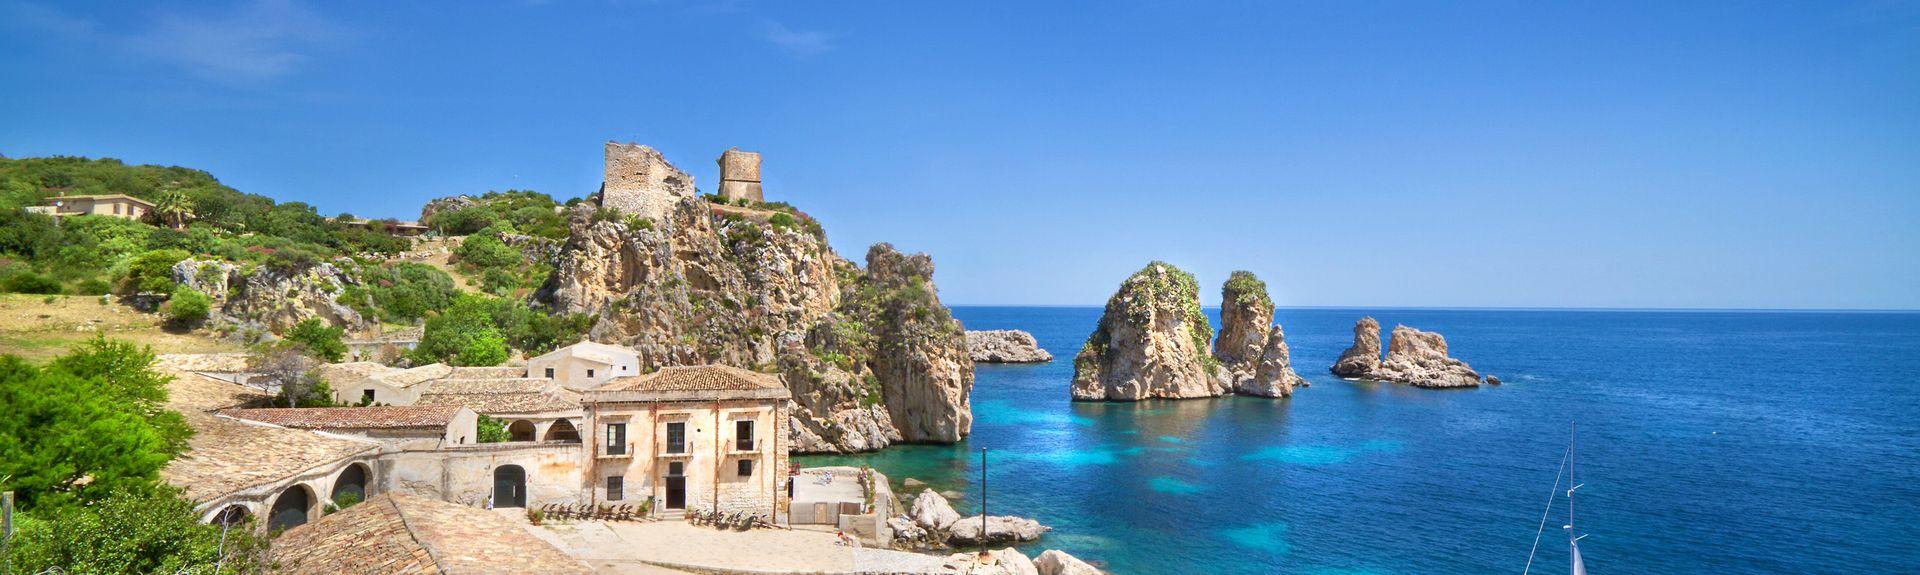 Sisilia, Italia